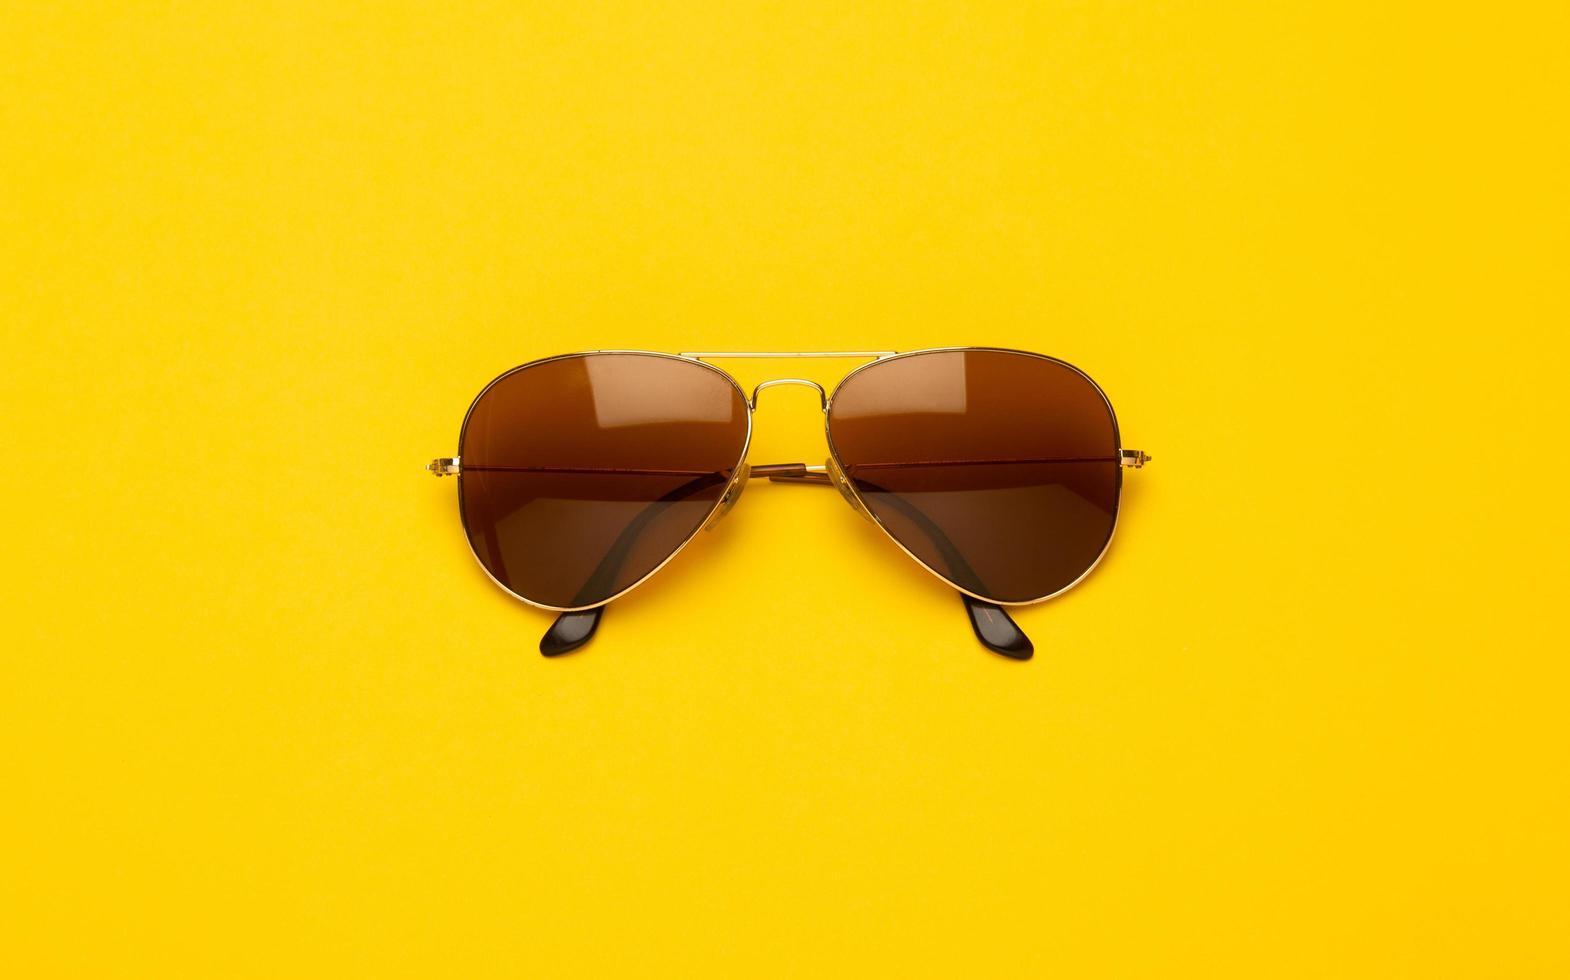 braune Sonnenbrille auf gelbem Hintergrund foto